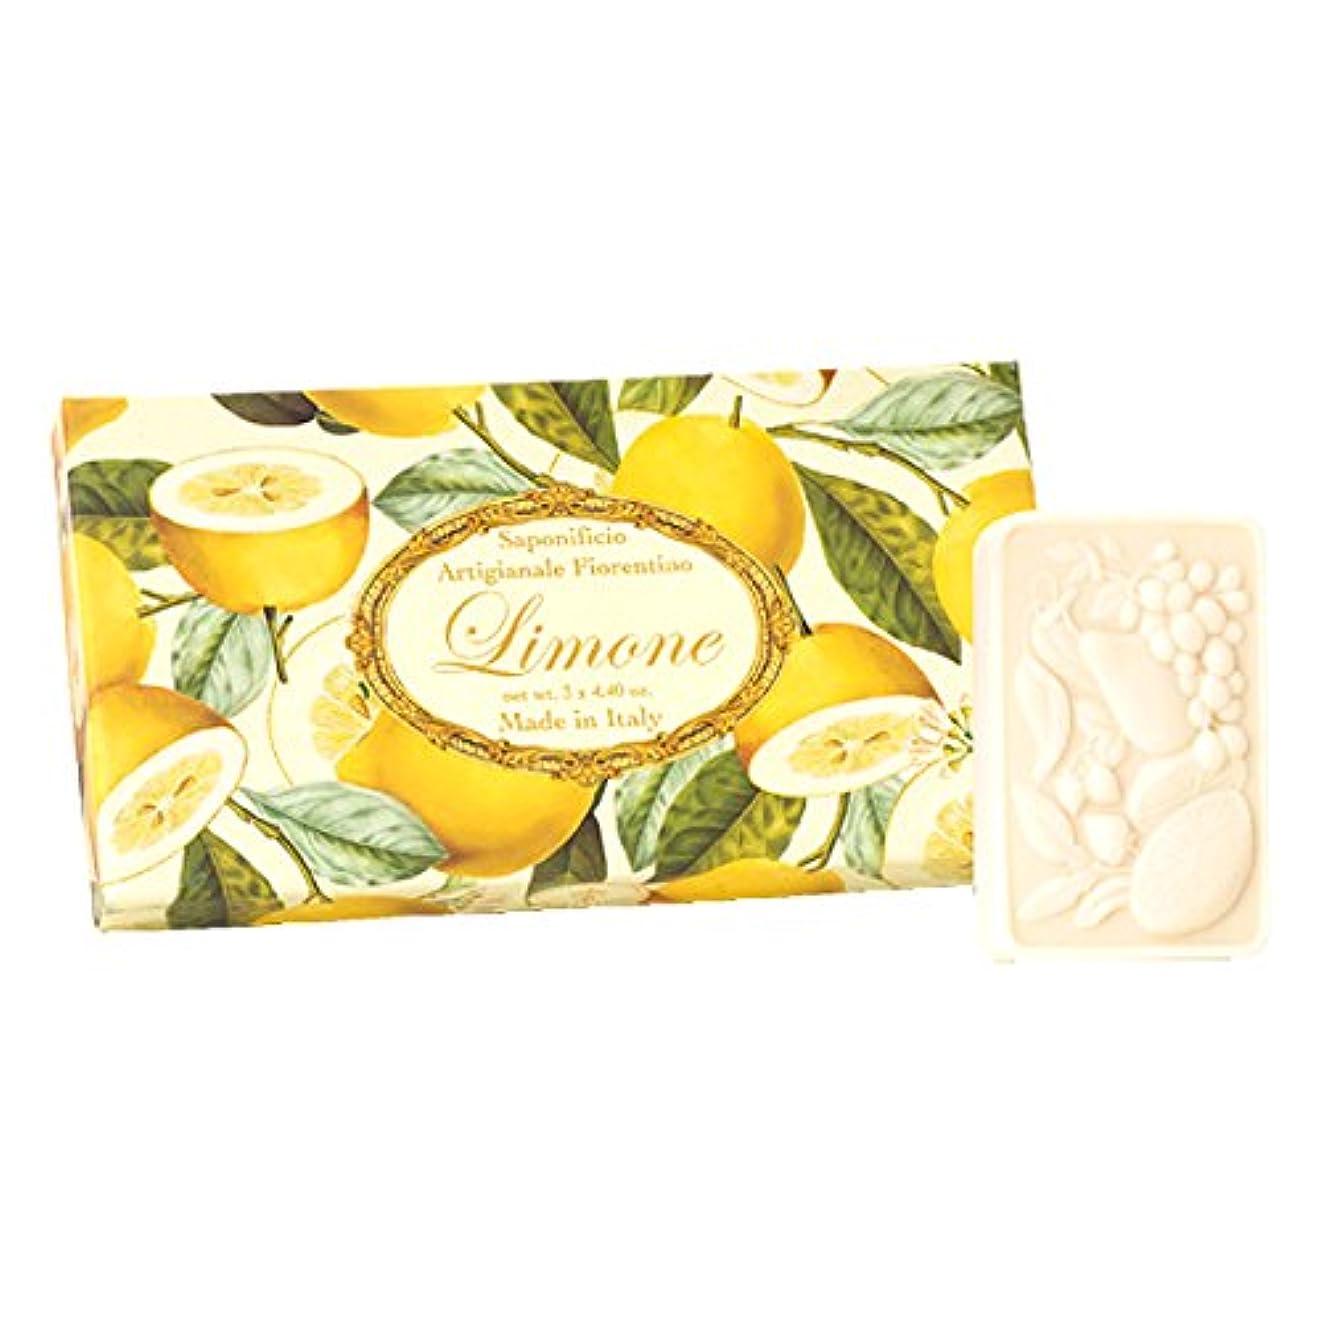 評論家シリーズ講義フィレンツェの 長い歴史から生まれたこだわり石鹸 レモン【刻印125g×3個セット】